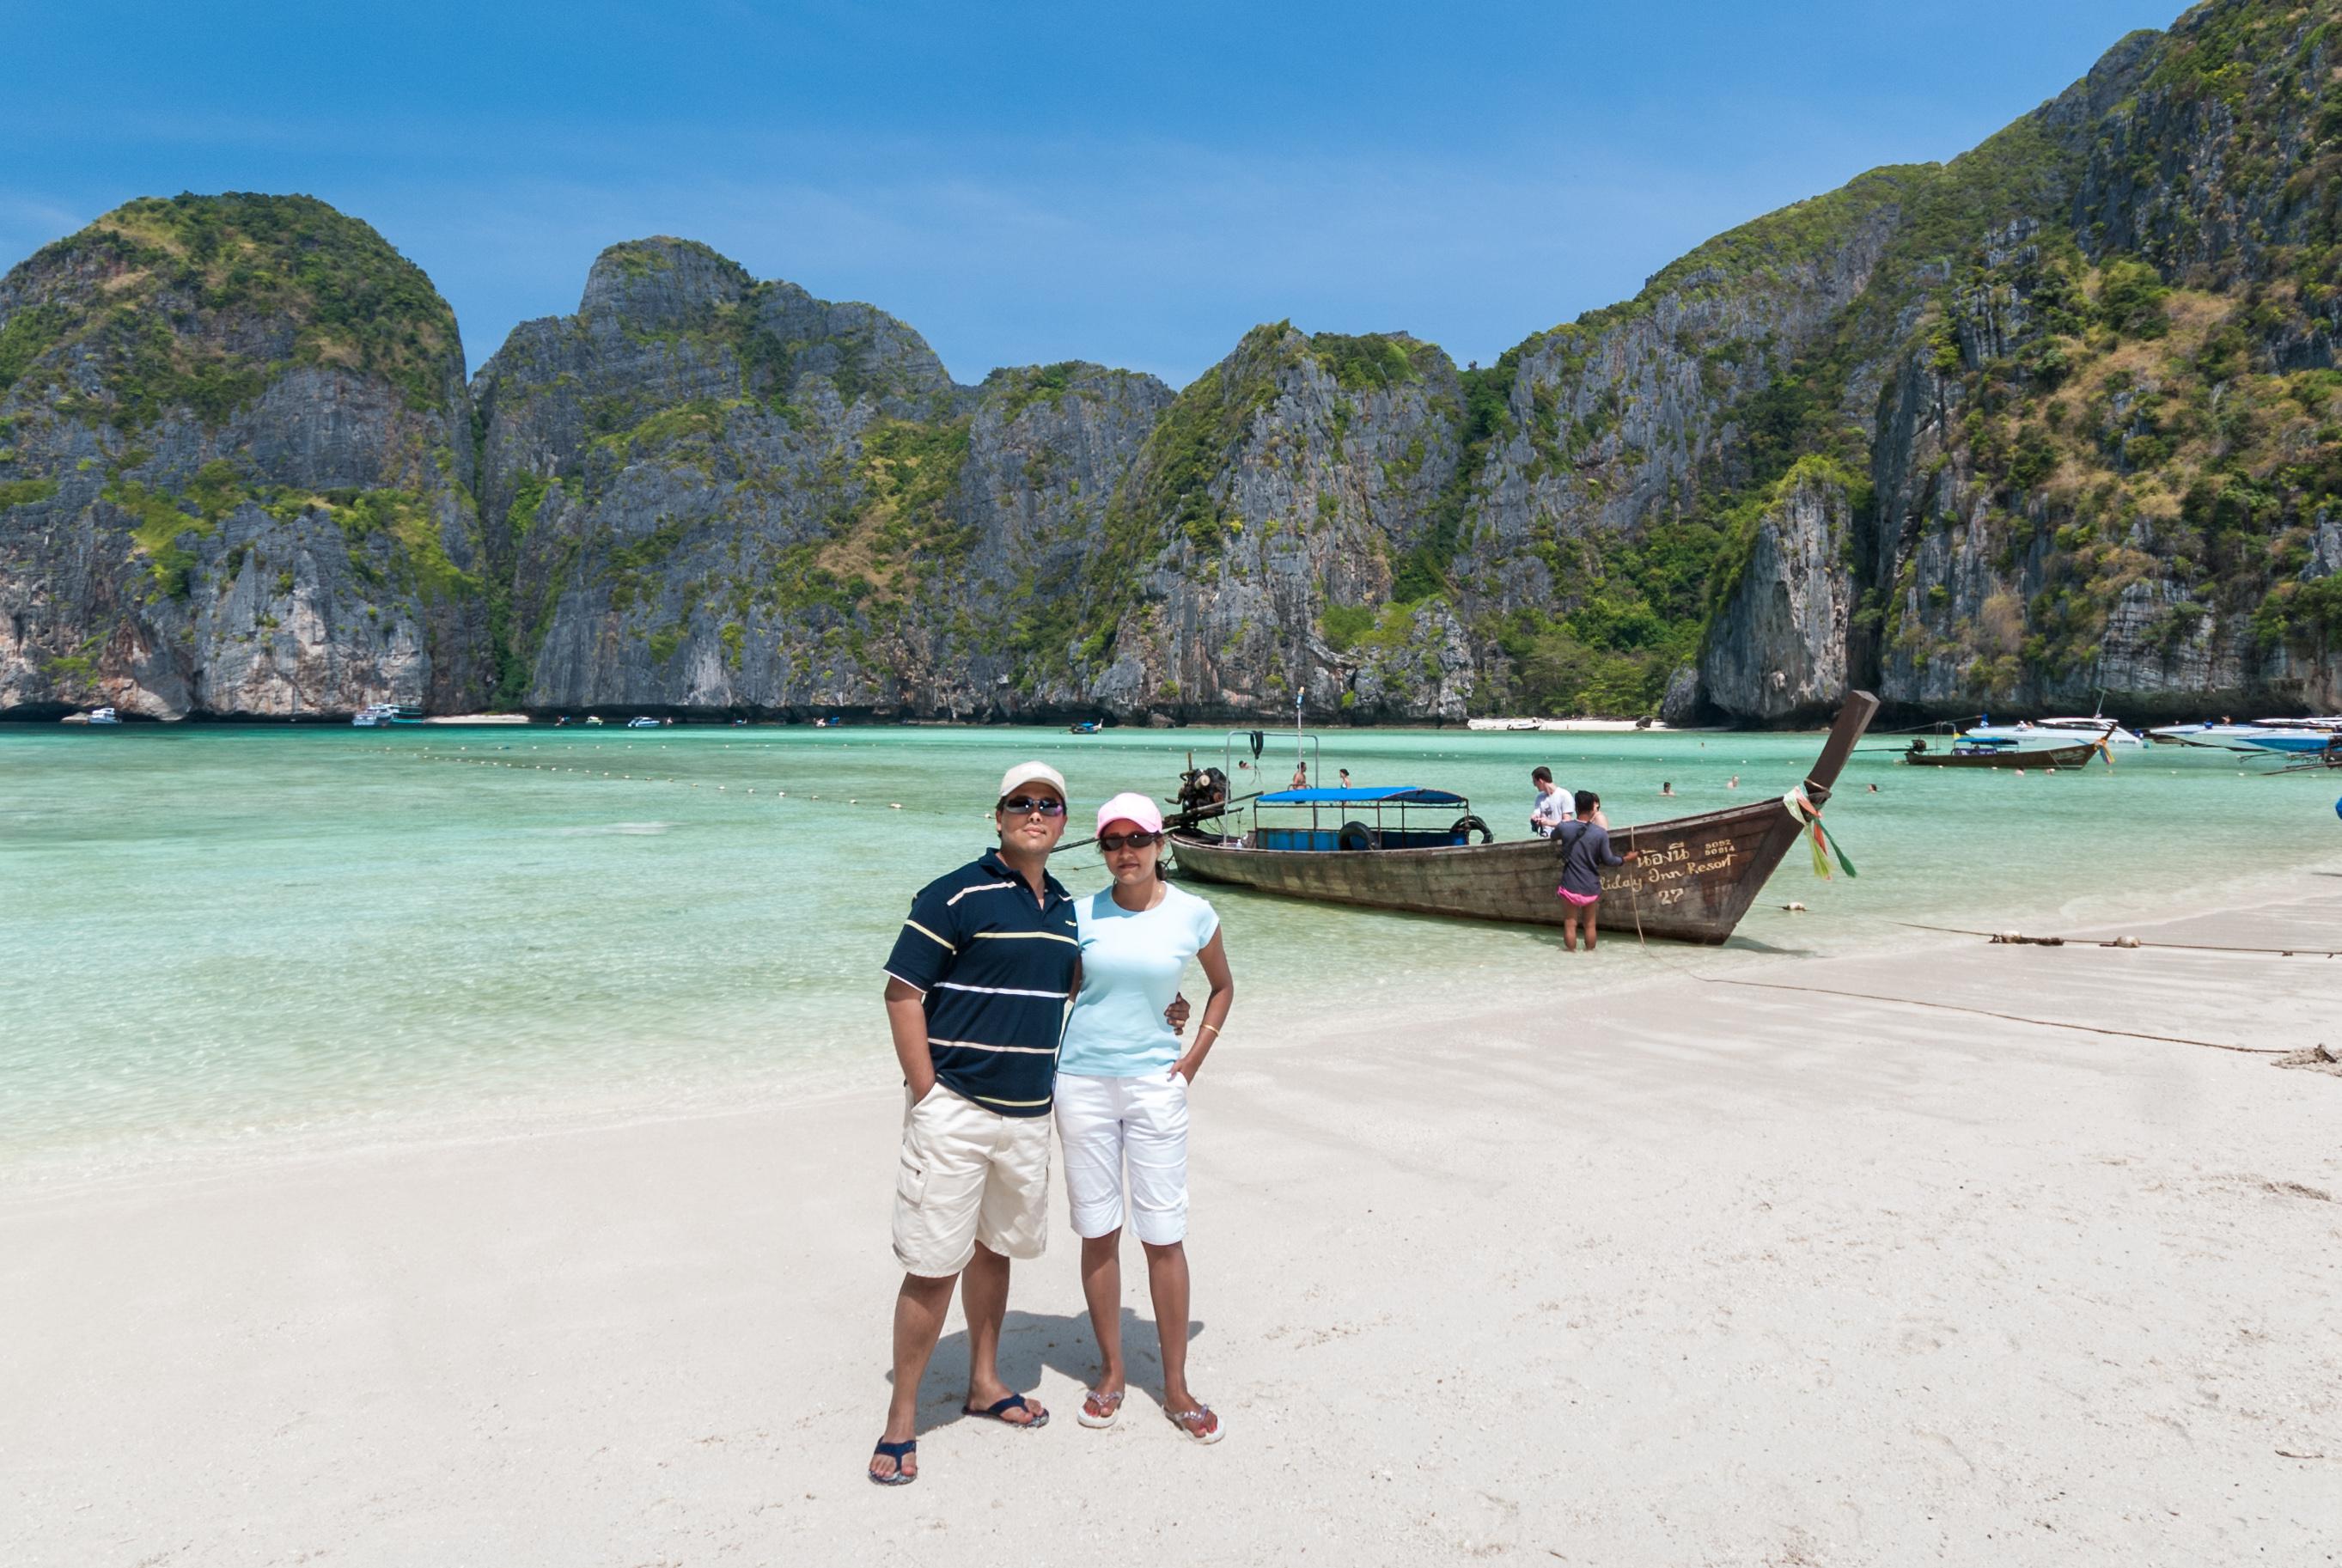 Maya Bay, Phuket, Thailand